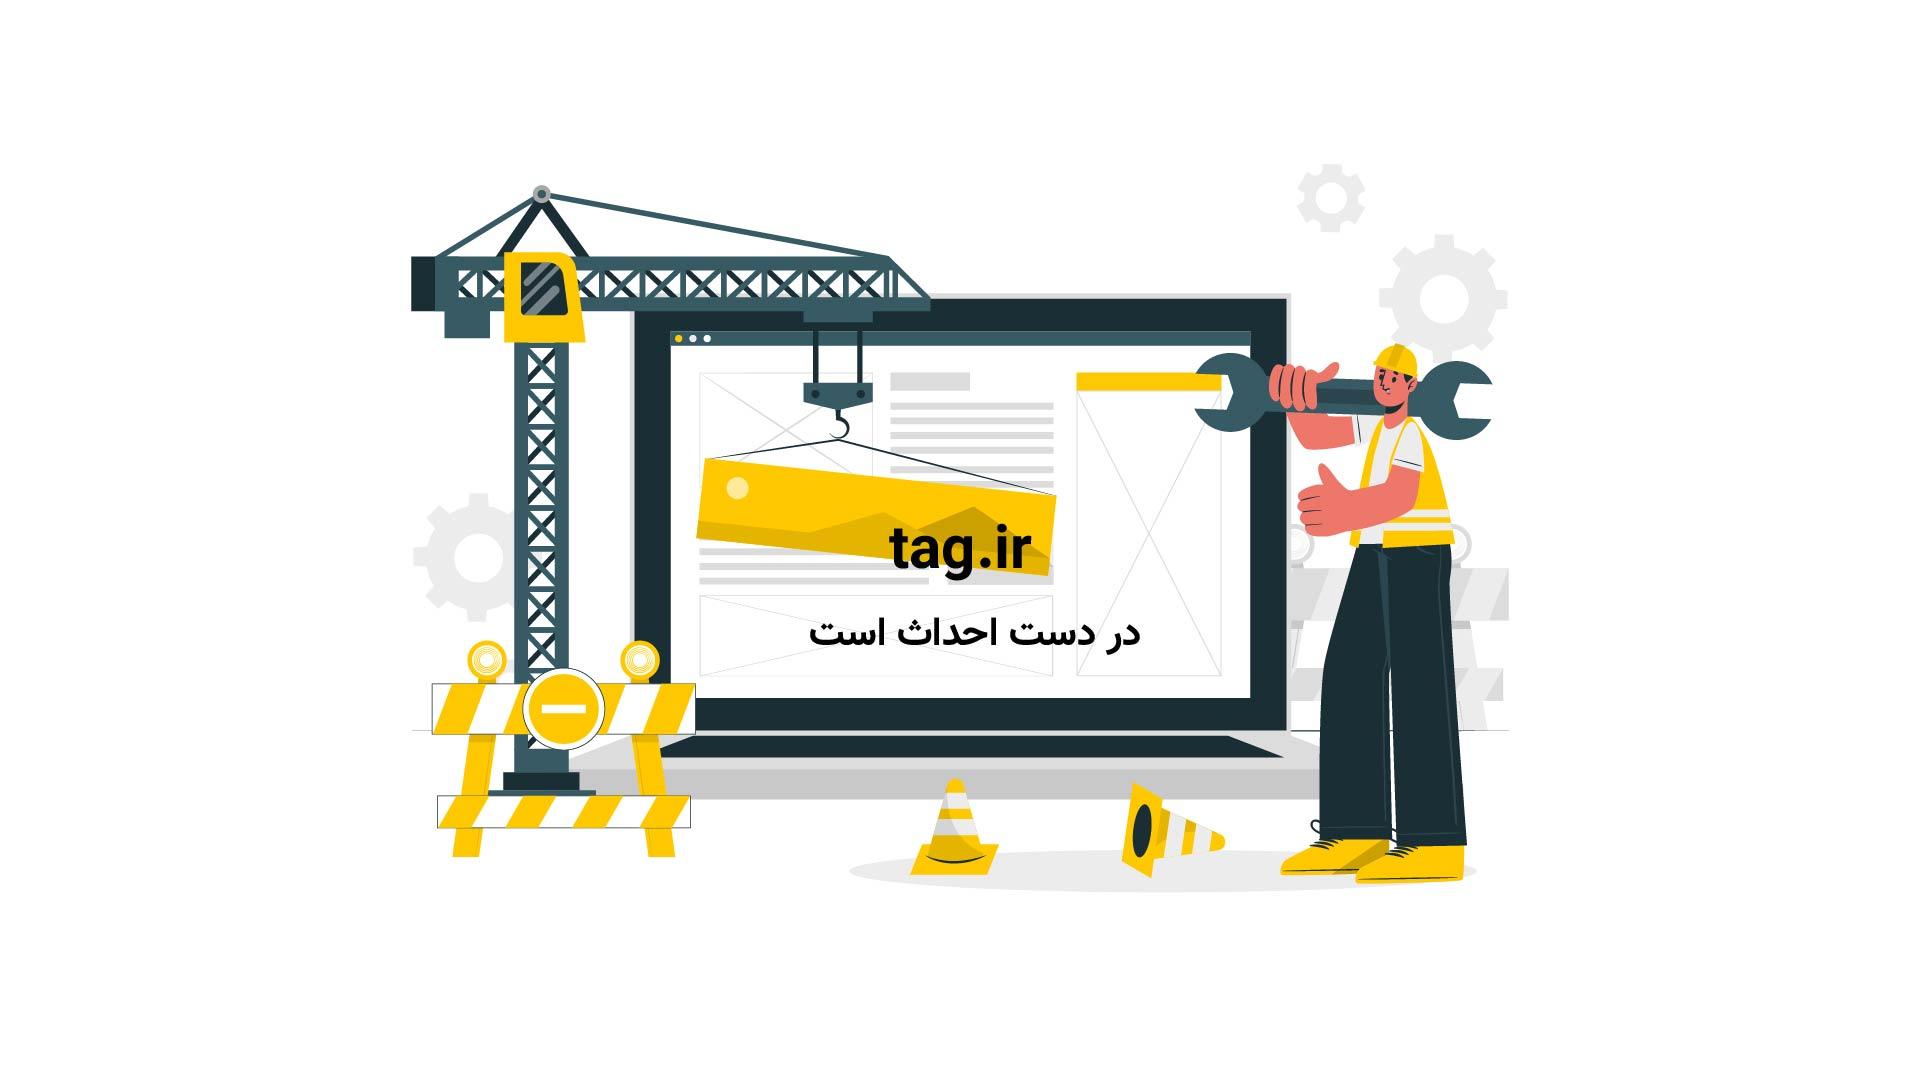 مسجد تاریخی کبود در استان آذربایجان شرقی | فیلم